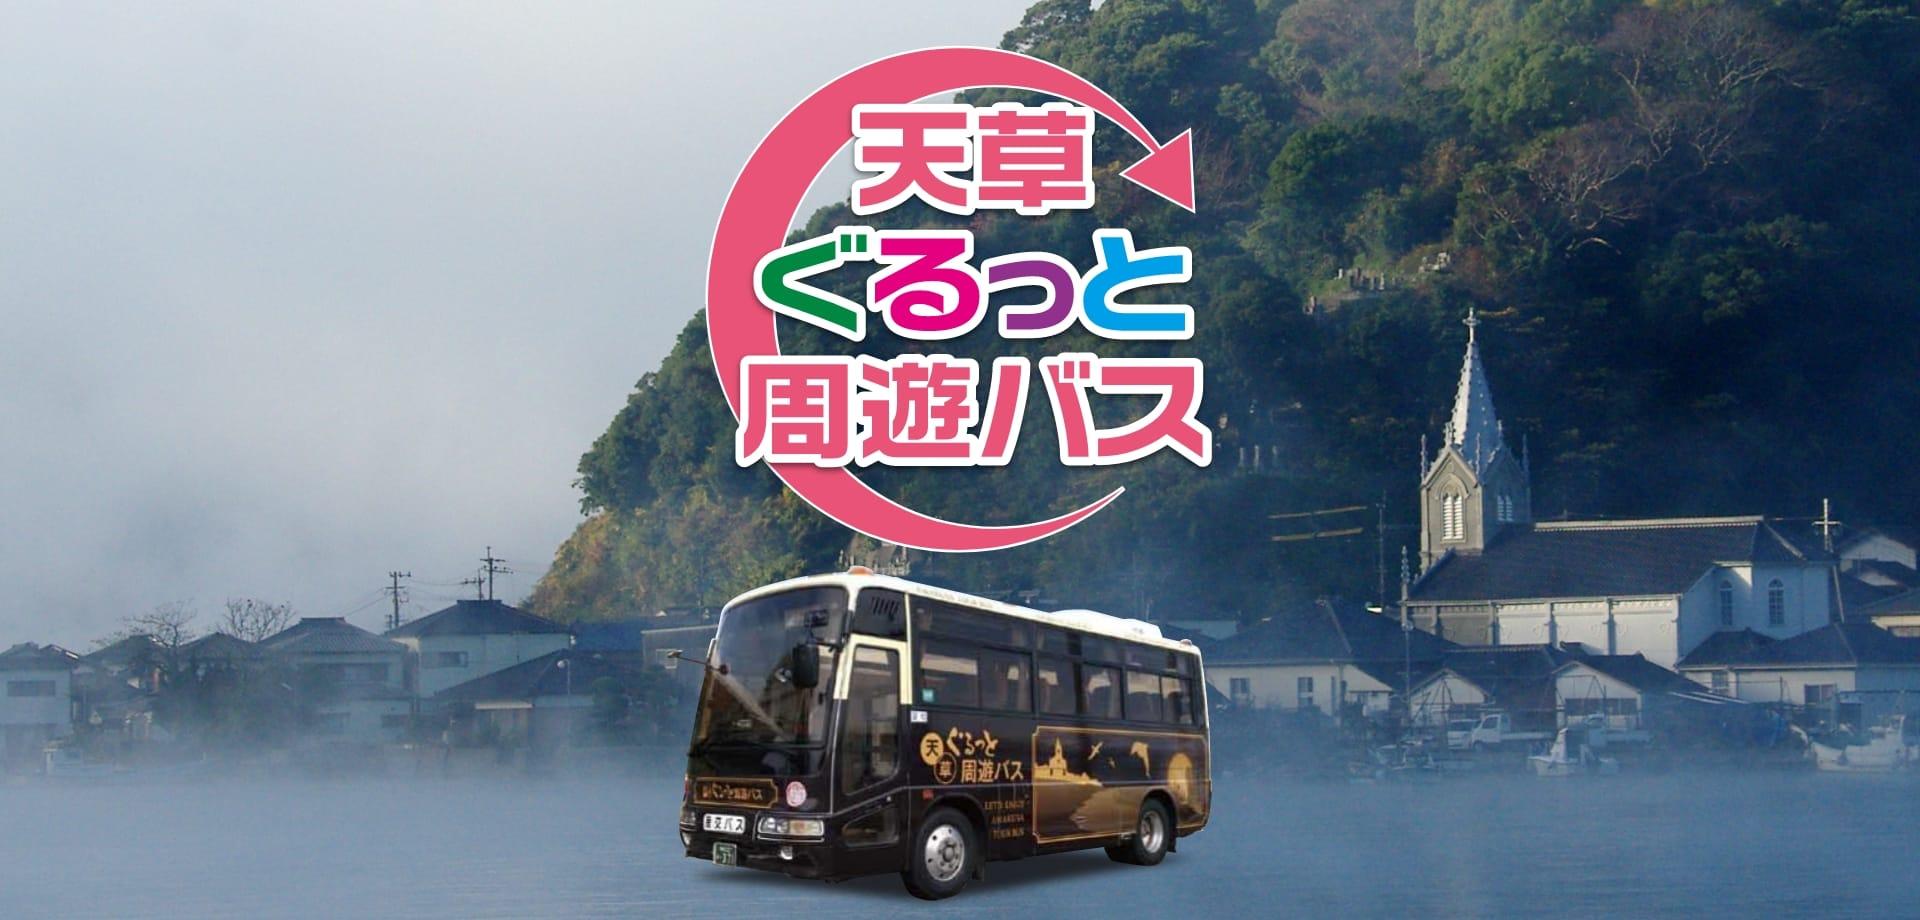 各コース乗車料金:ガイド付き1000円